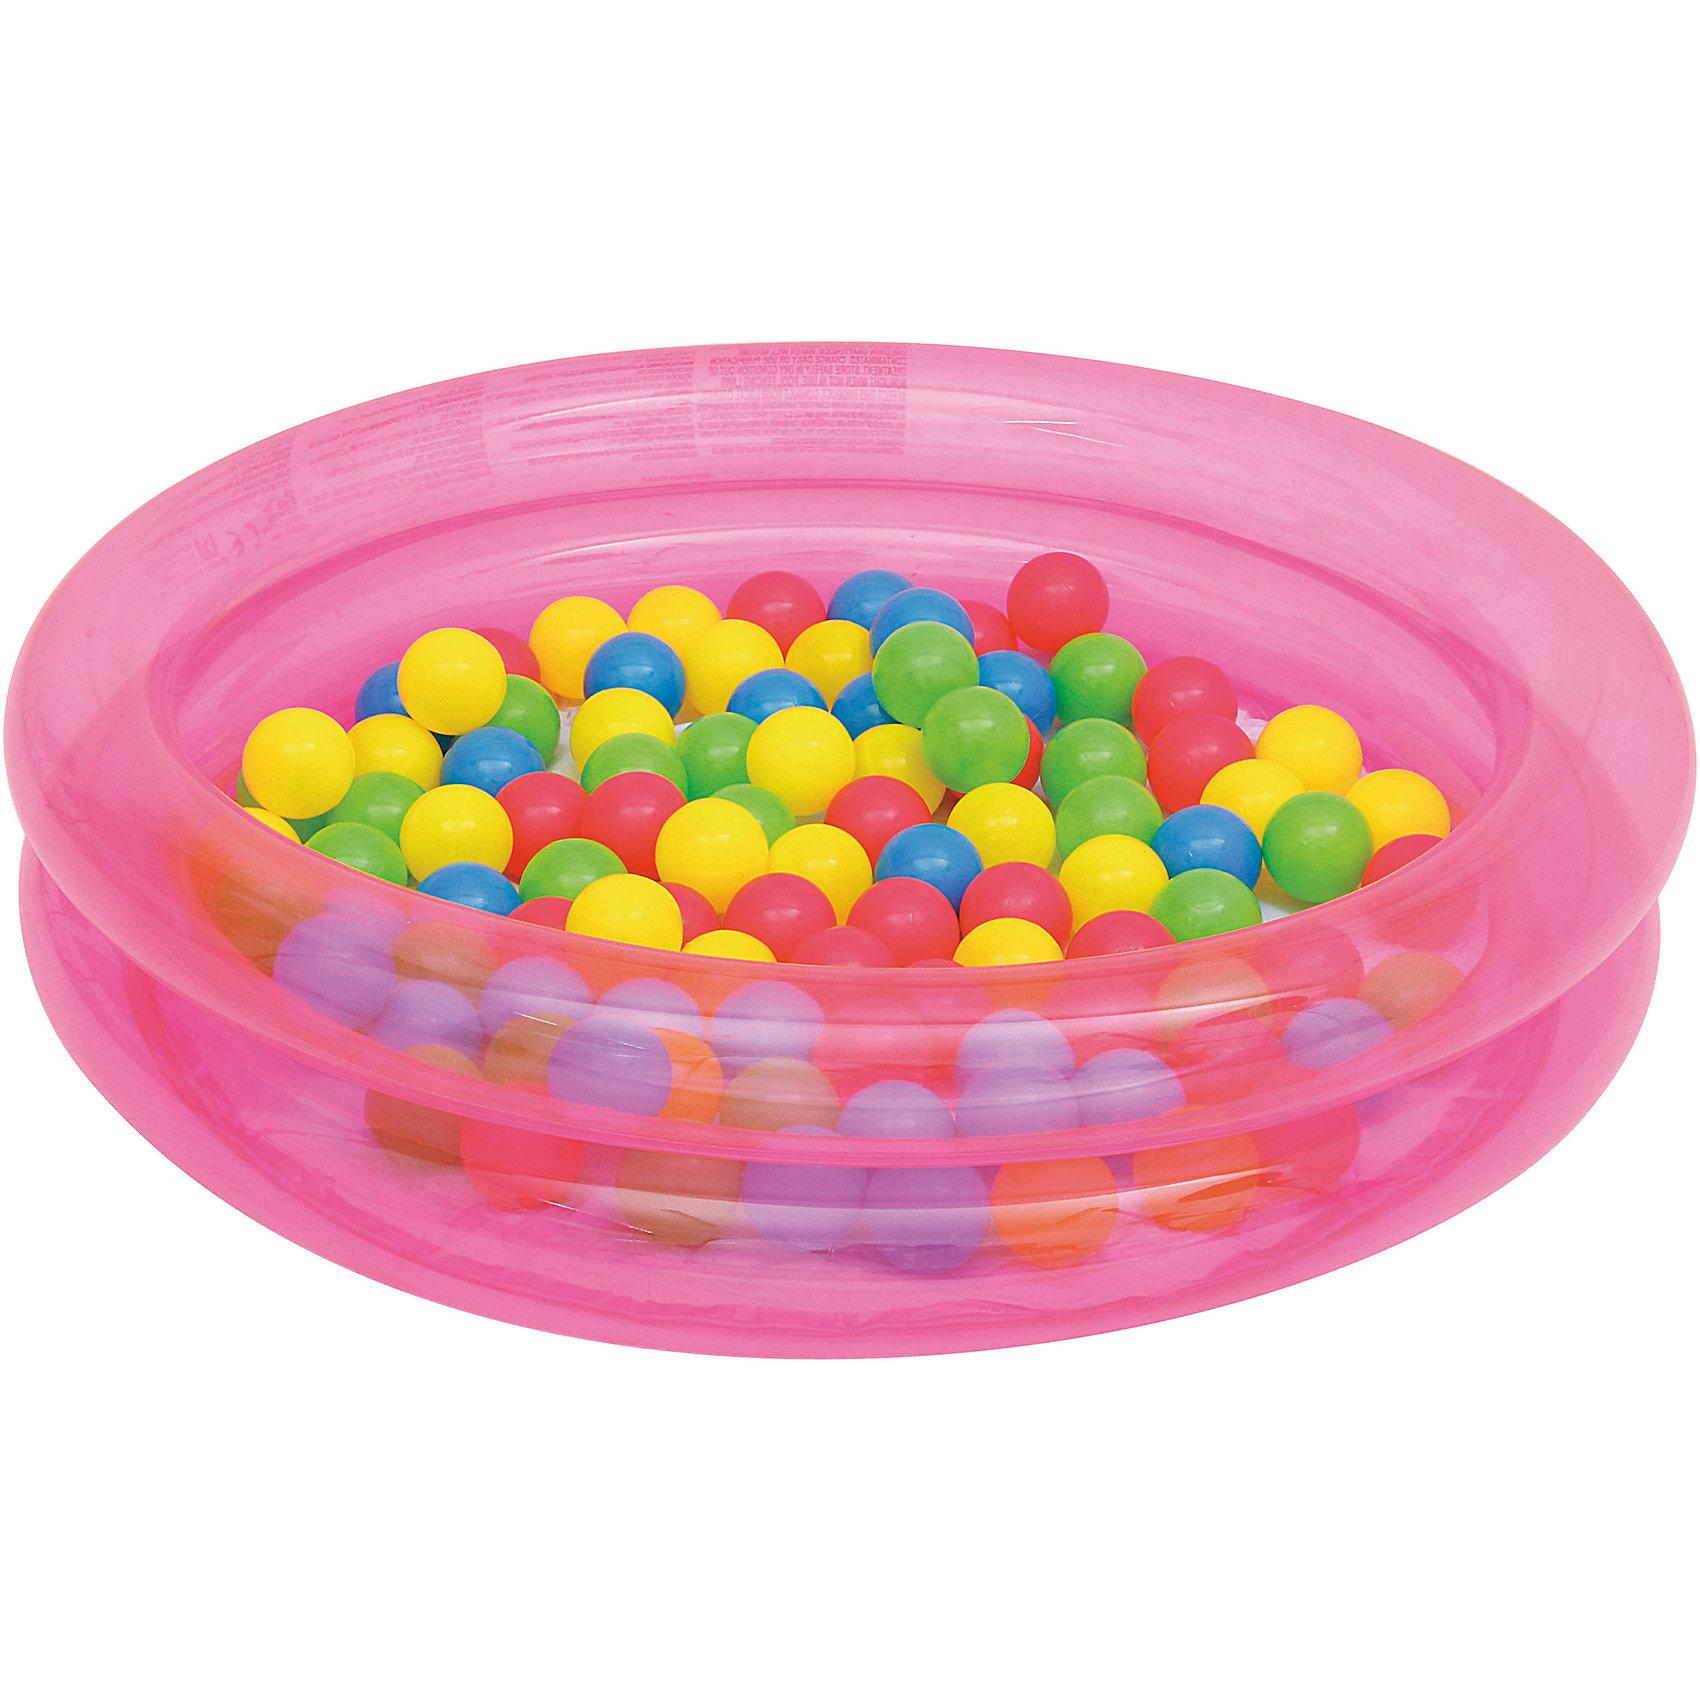 Детский надувной бассейн с 50 шариками для игры, Bestway, розовыйБассейны<br><br><br>Ширина мм: 500<br>Глубина мм: 410<br>Высота мм: 405<br>Вес г: 1177<br>Возраст от месяцев: 24<br>Возраст до месяцев: 2147483647<br>Пол: Унисекс<br>Возраст: Детский<br>SKU: 5487021